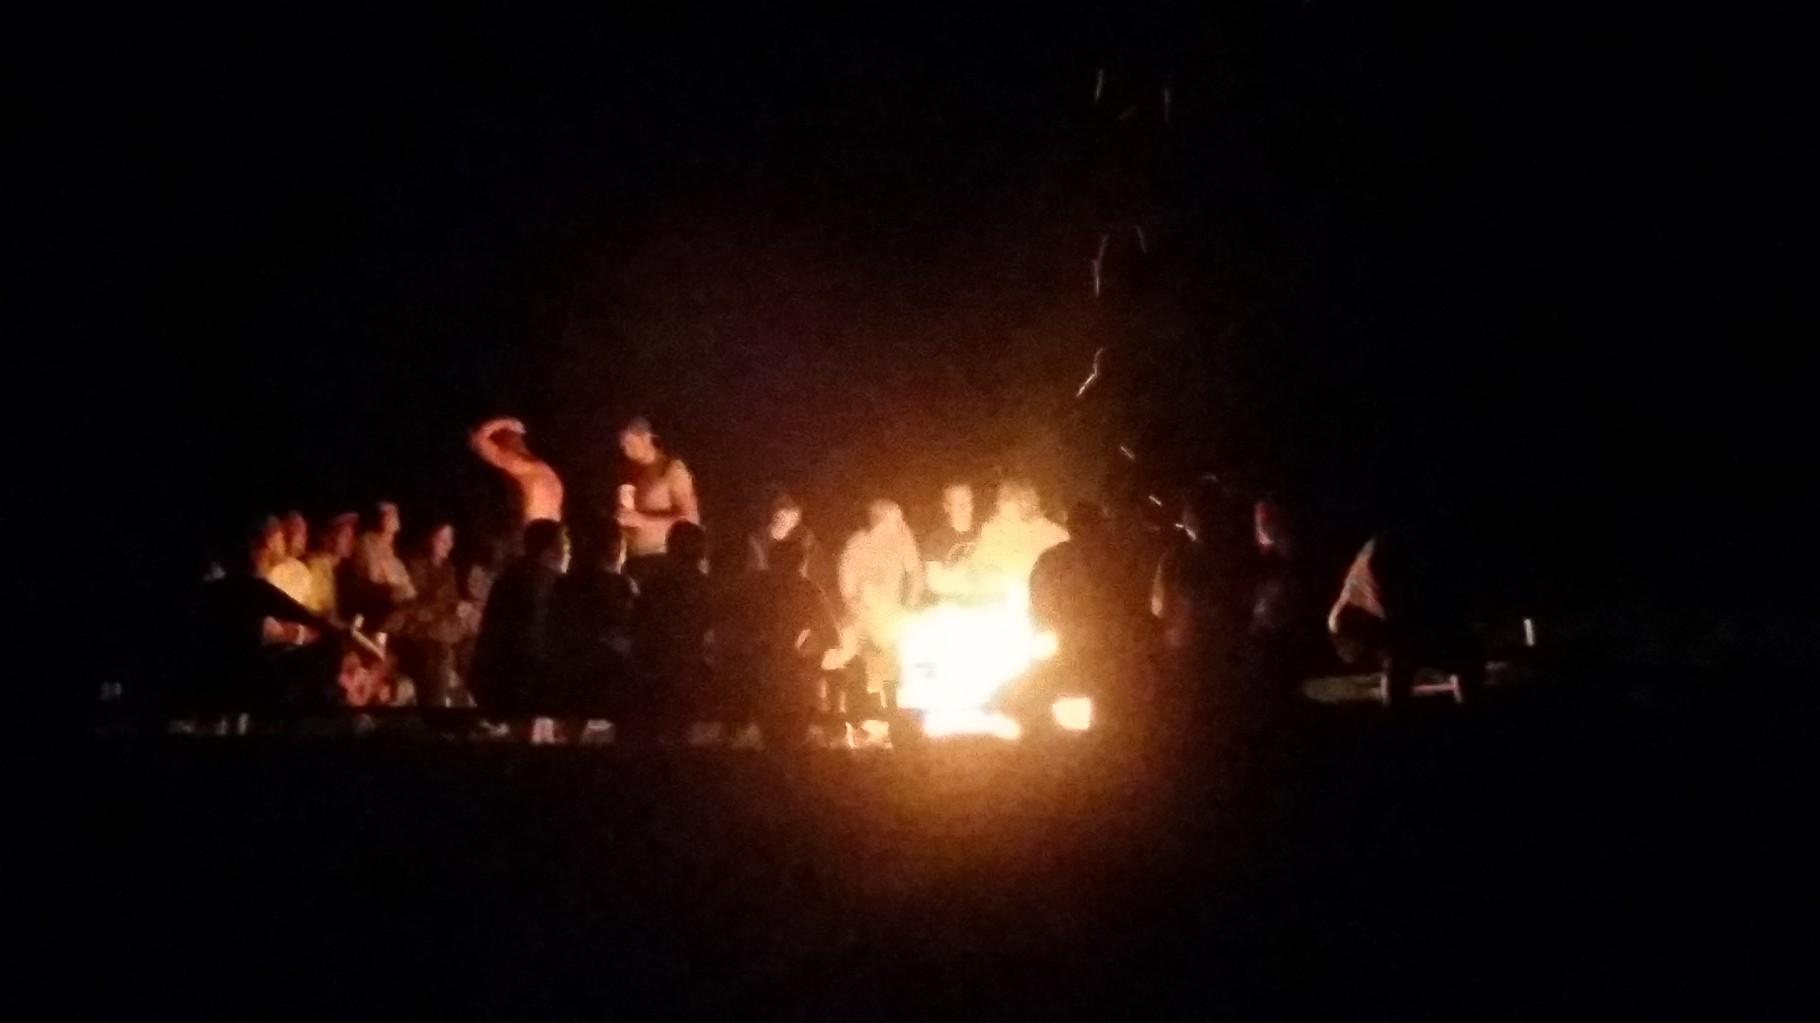 Auch am letztem Abend genossen wir alle das Feuer, die Temperaturen waren nicht mehr ganz so hoch auf Grund des Gewitters, welches wir gut überstanden haben in freier Wildbahn^^. Daher waren fast alle Camper am Feuer und man konnte sich gut unterhalten.